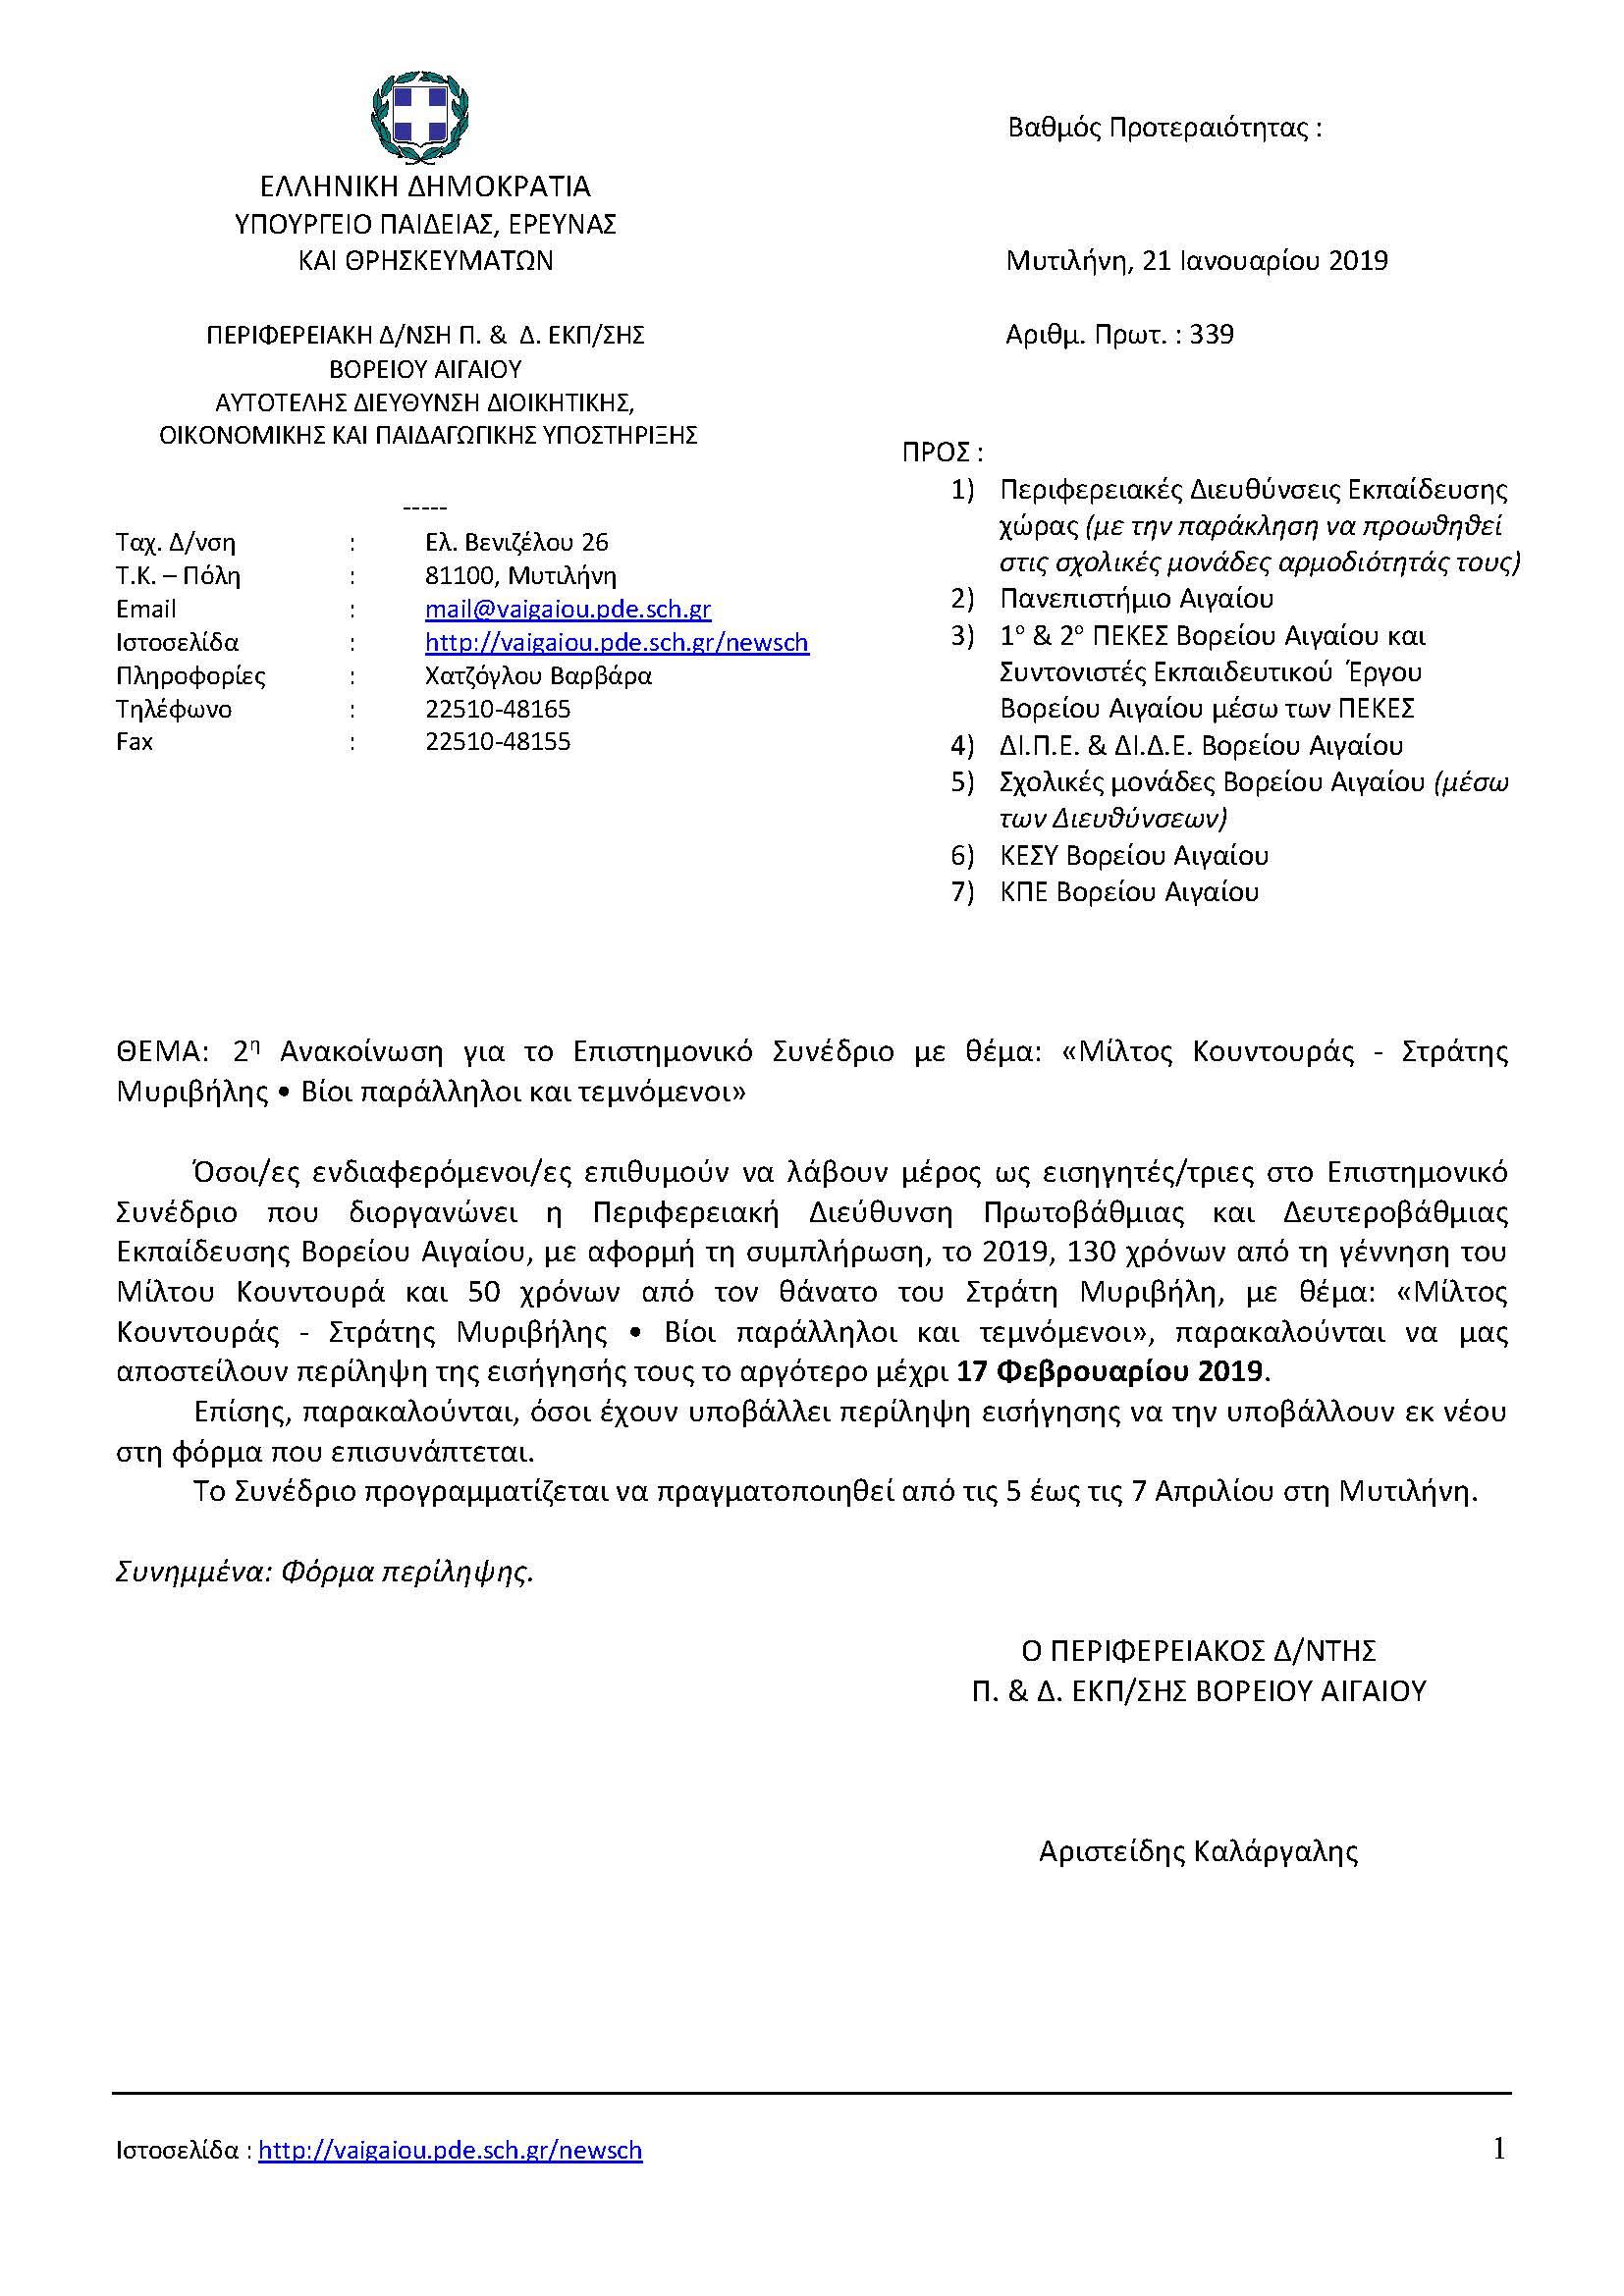 Ανακοίνωση για το Επιστημονικό Συνέδριο με θέμα: «Μίλτος Κουντουράς - Στράτης Μυριβήλης • Βίοι παράλληλοι και τεμνόμενοι»